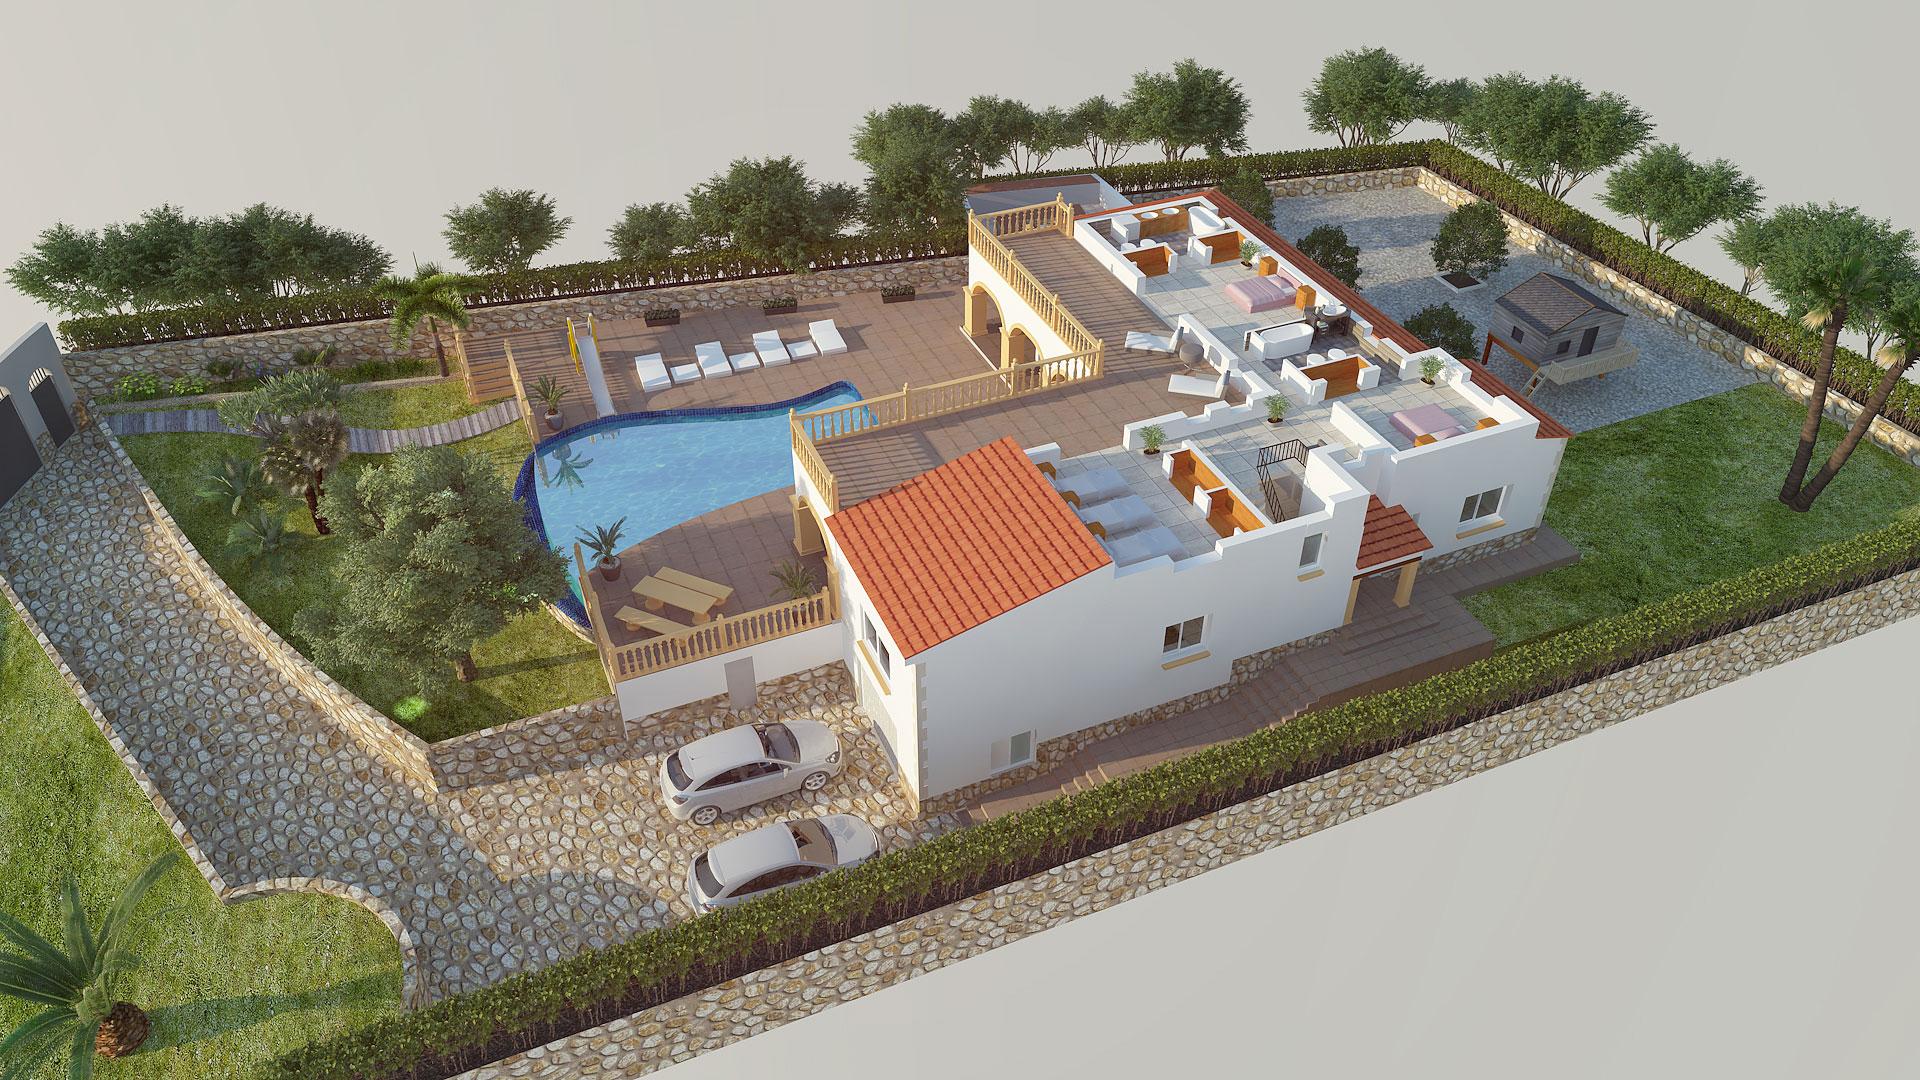 Villa Plans - La Lluca Javea